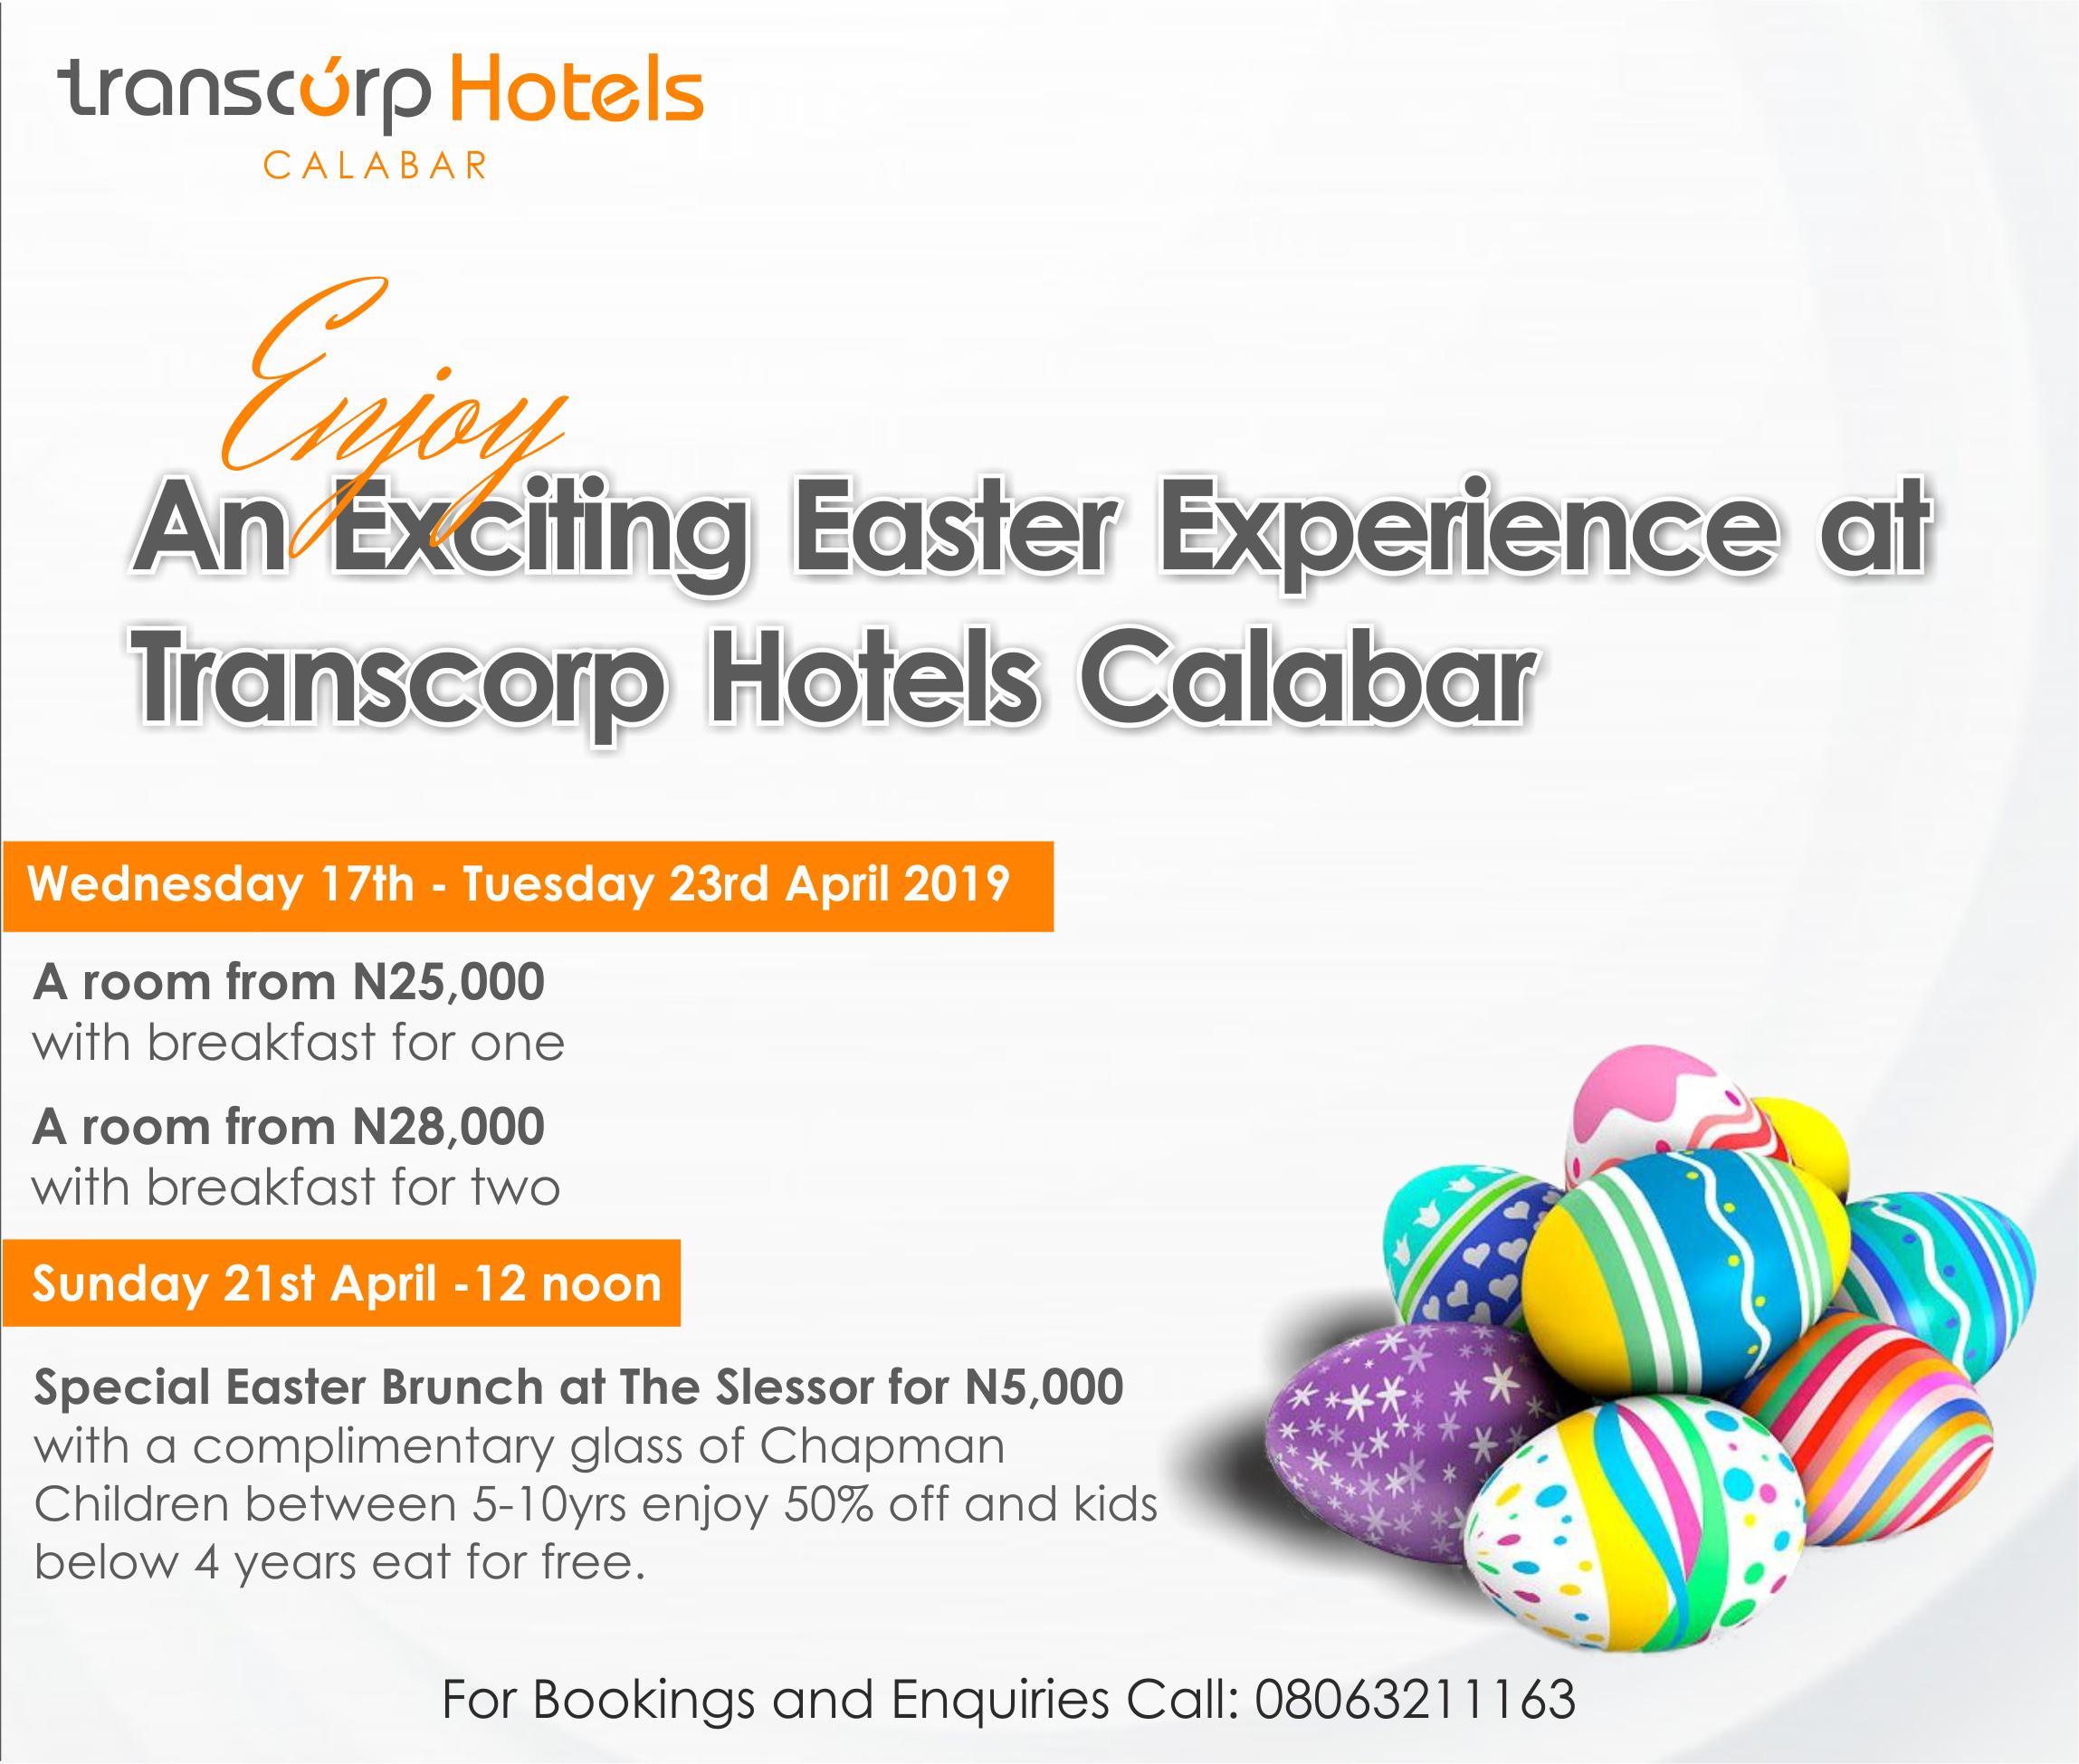 <strong>2. Transcorp Hotels Calabar</strong>